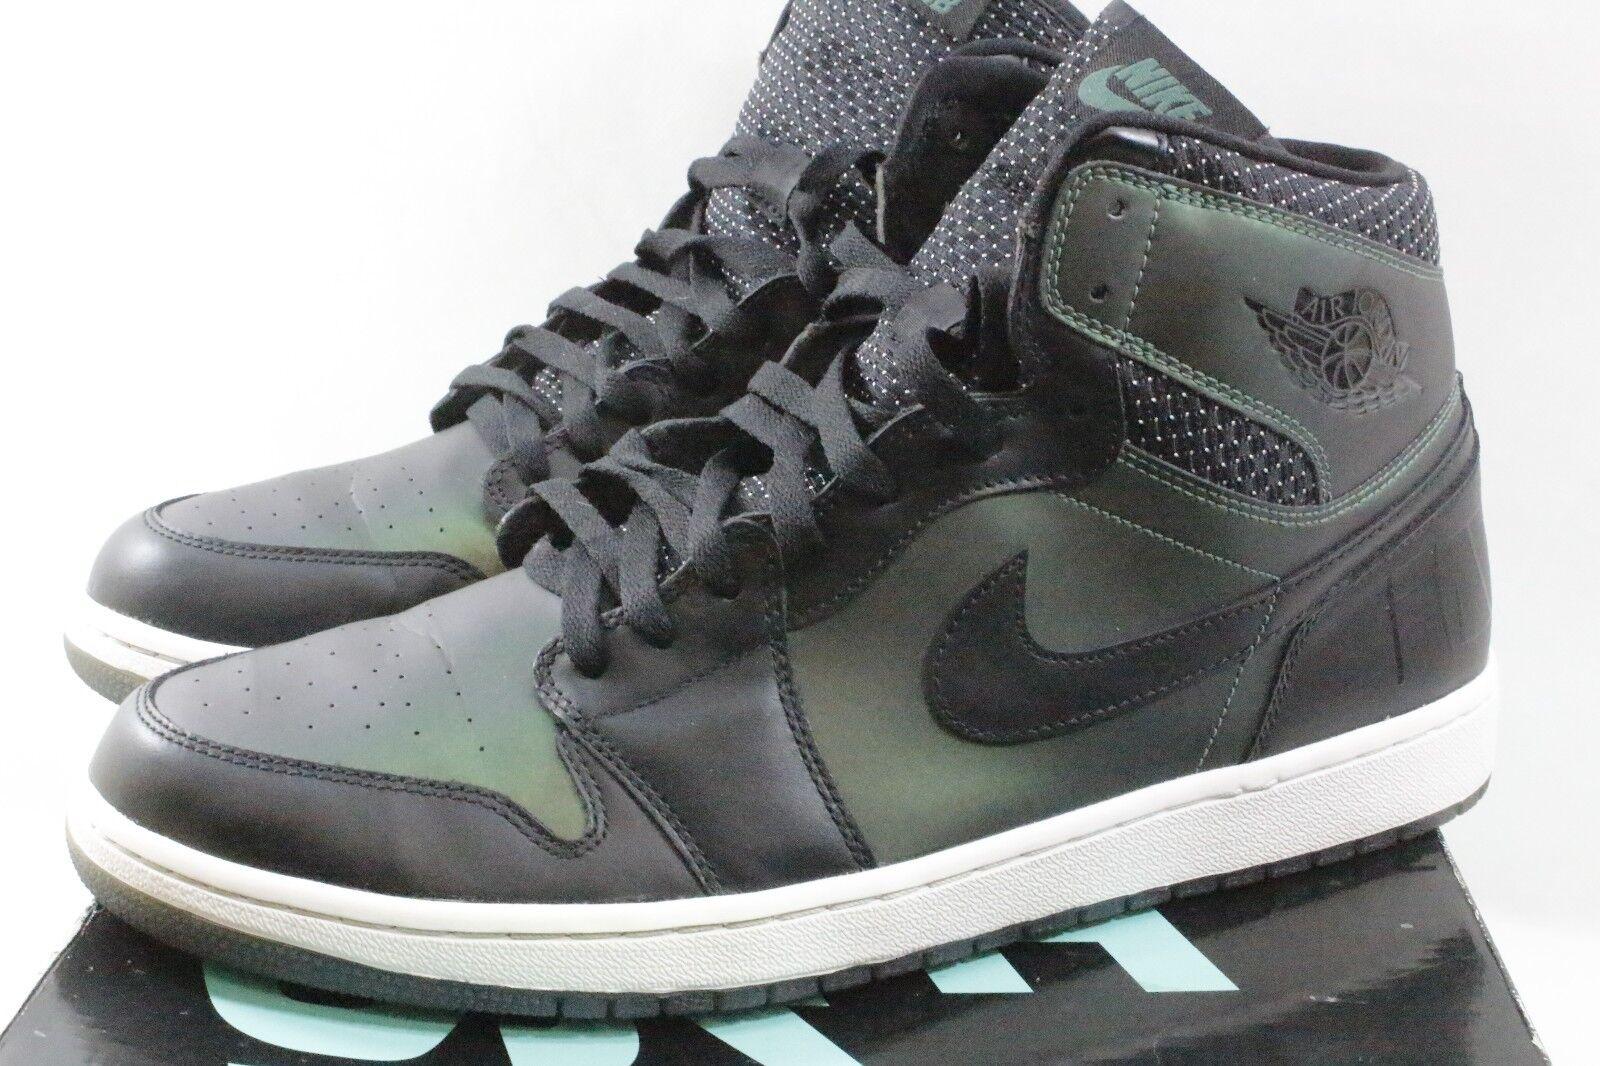 Nike Mens Jordan 1 SB QS Black Black-Silver 653532-001 Size 14